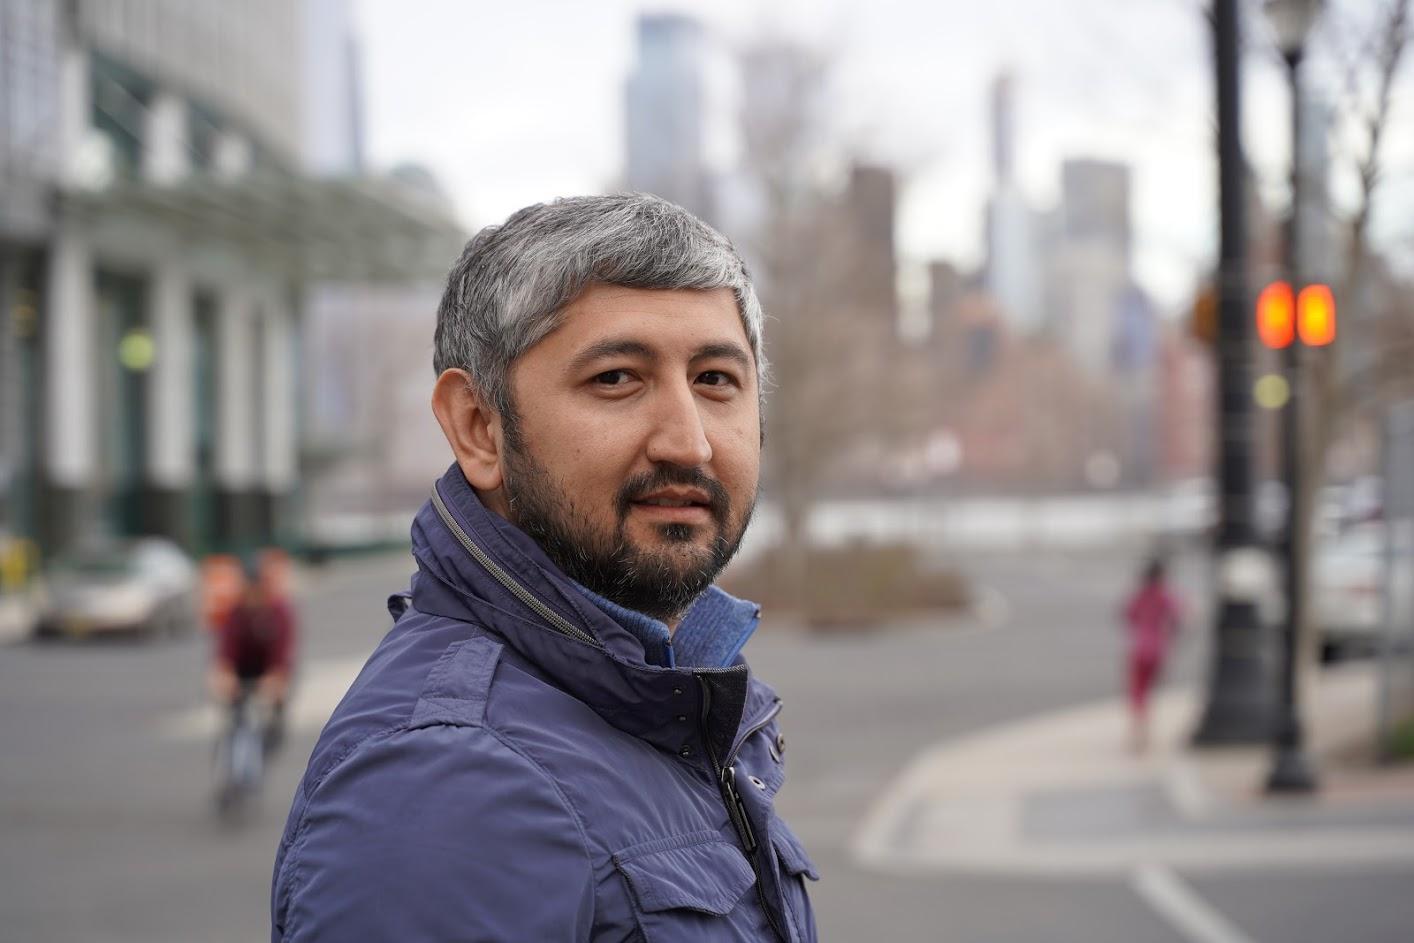 Бобир Акилханов рассказал о том, как развить IT-индустрию в Узбекистане